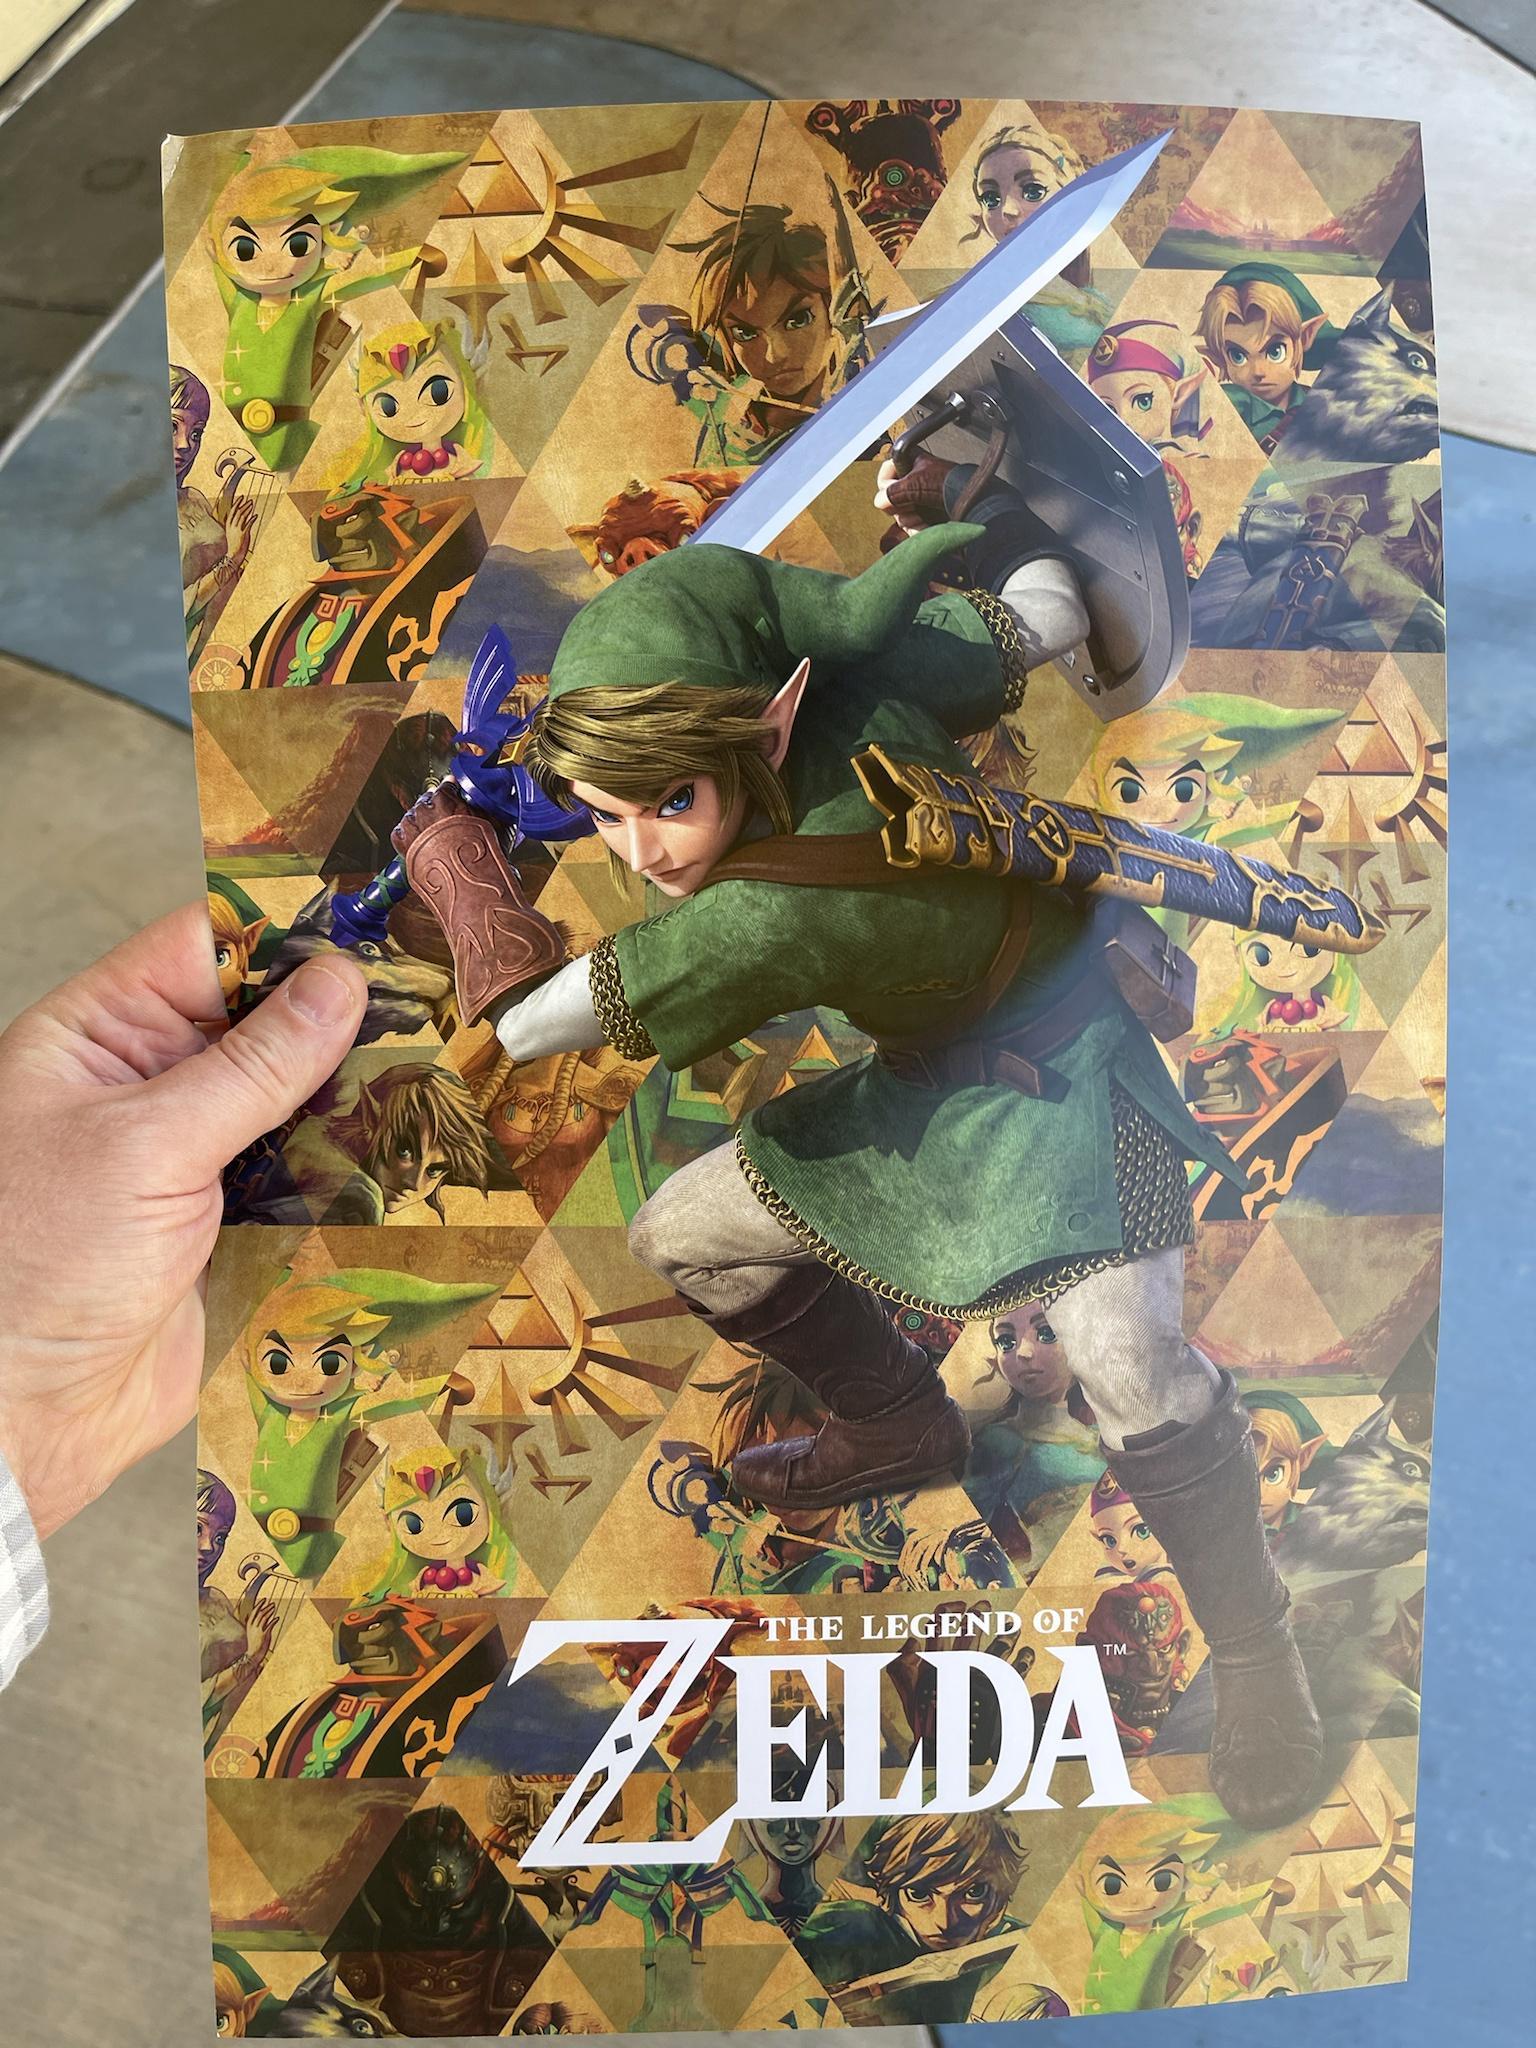 The Legend of Zelda, E3